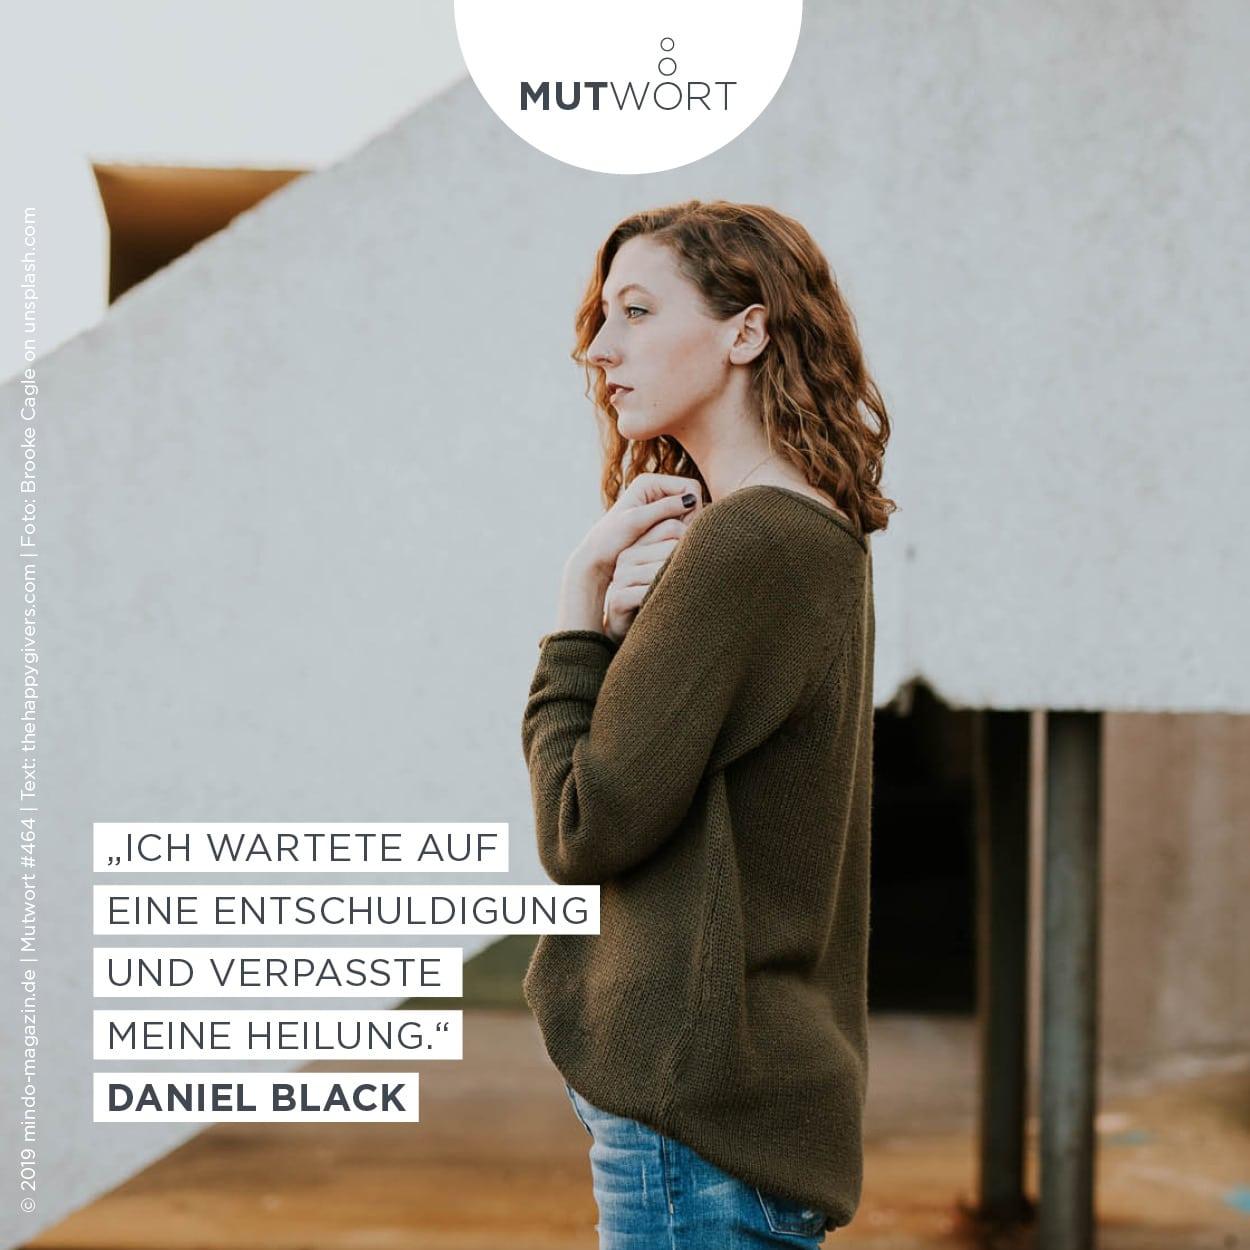 Ich wartete auf eine Entschuldigung und verpasste meine Heilung. – Daniel Black